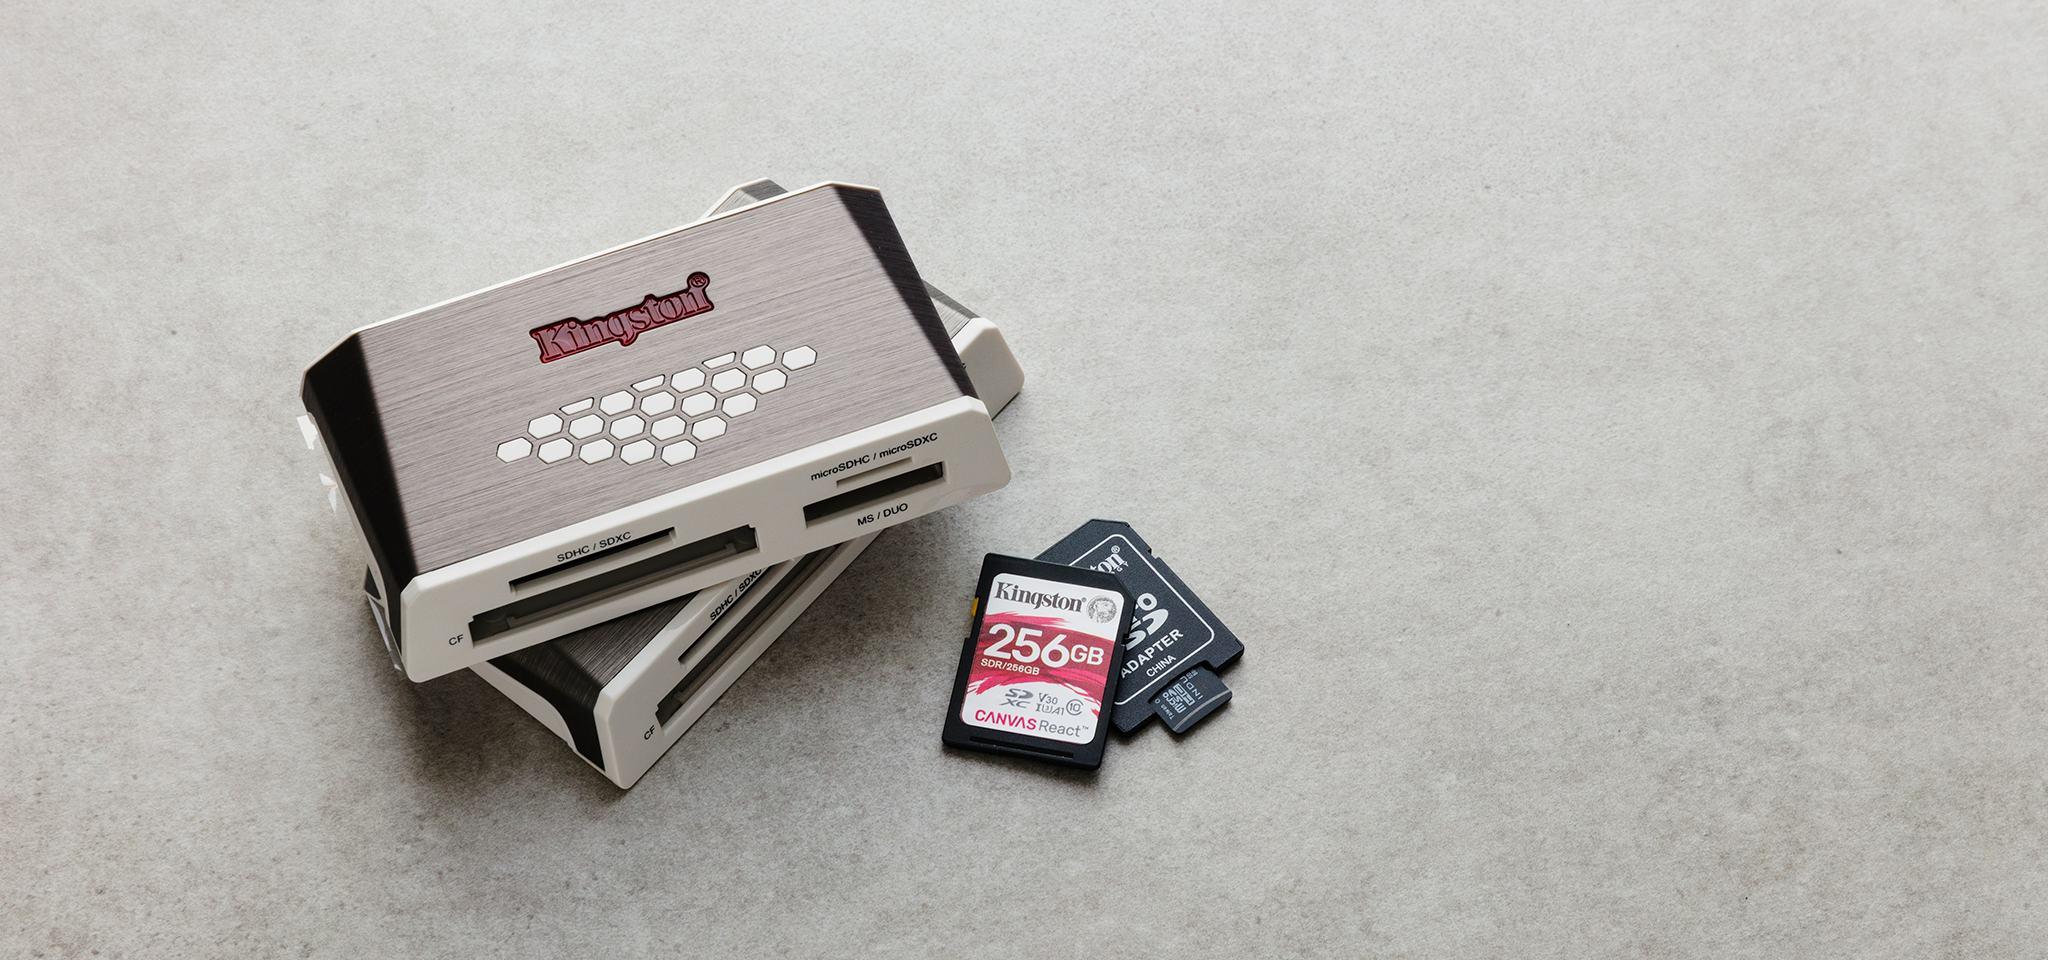 USB 3.0 High-Speed Media Reader